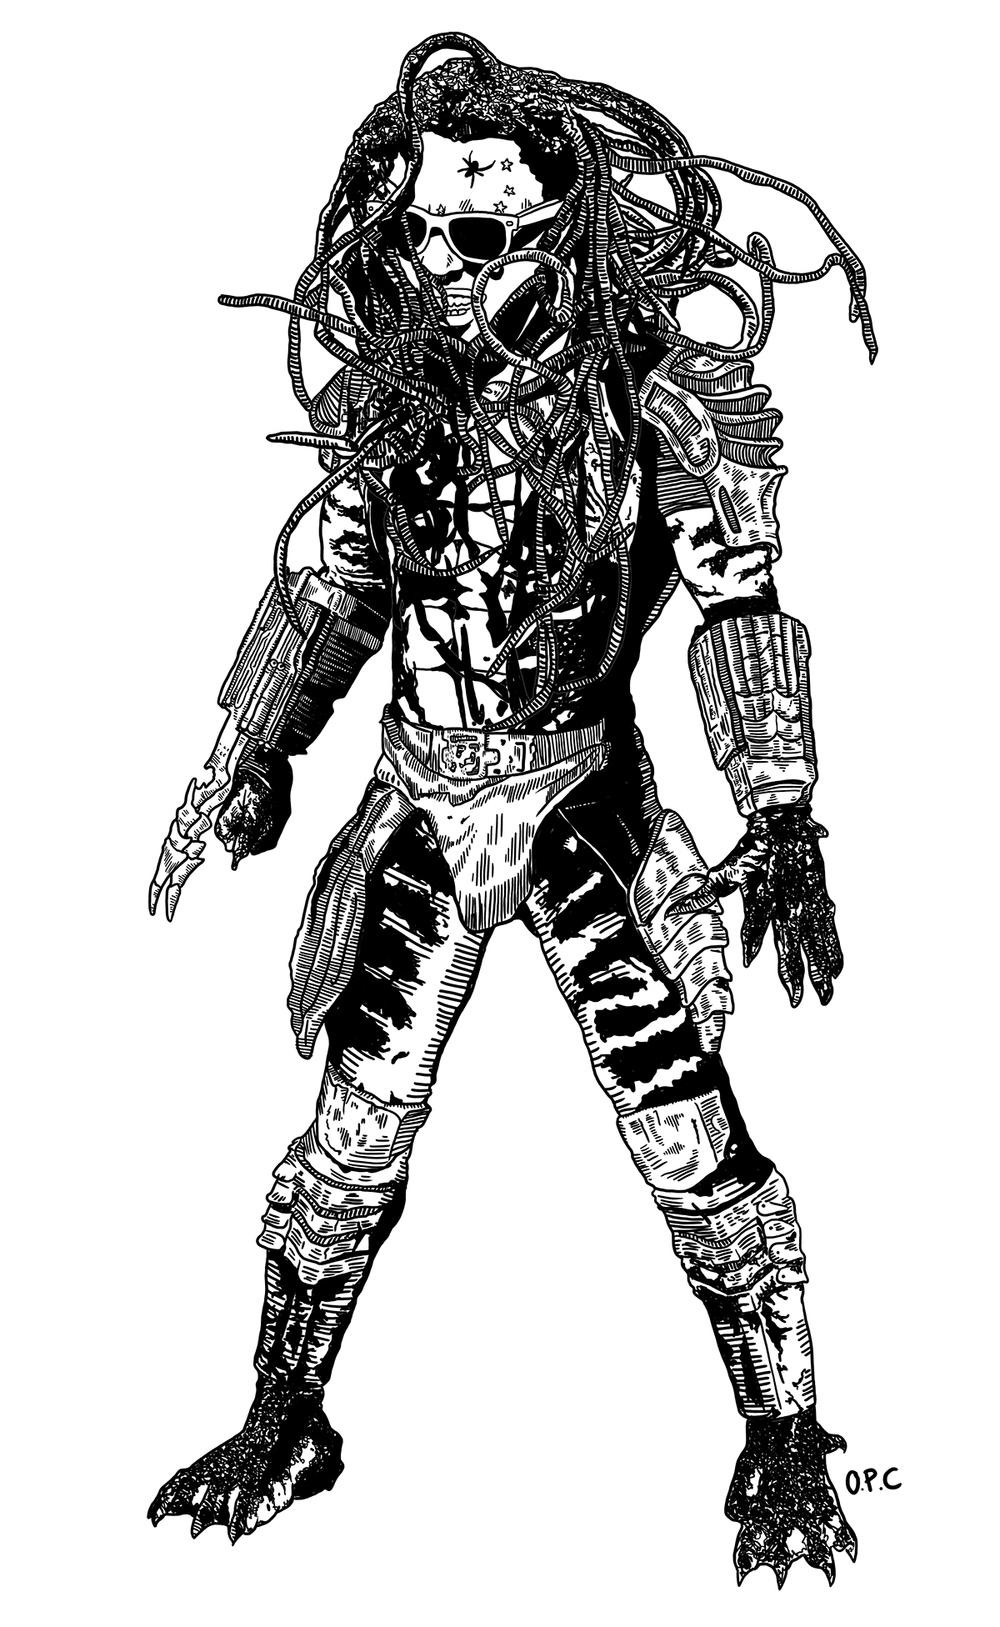 Lil Wayne as Predator